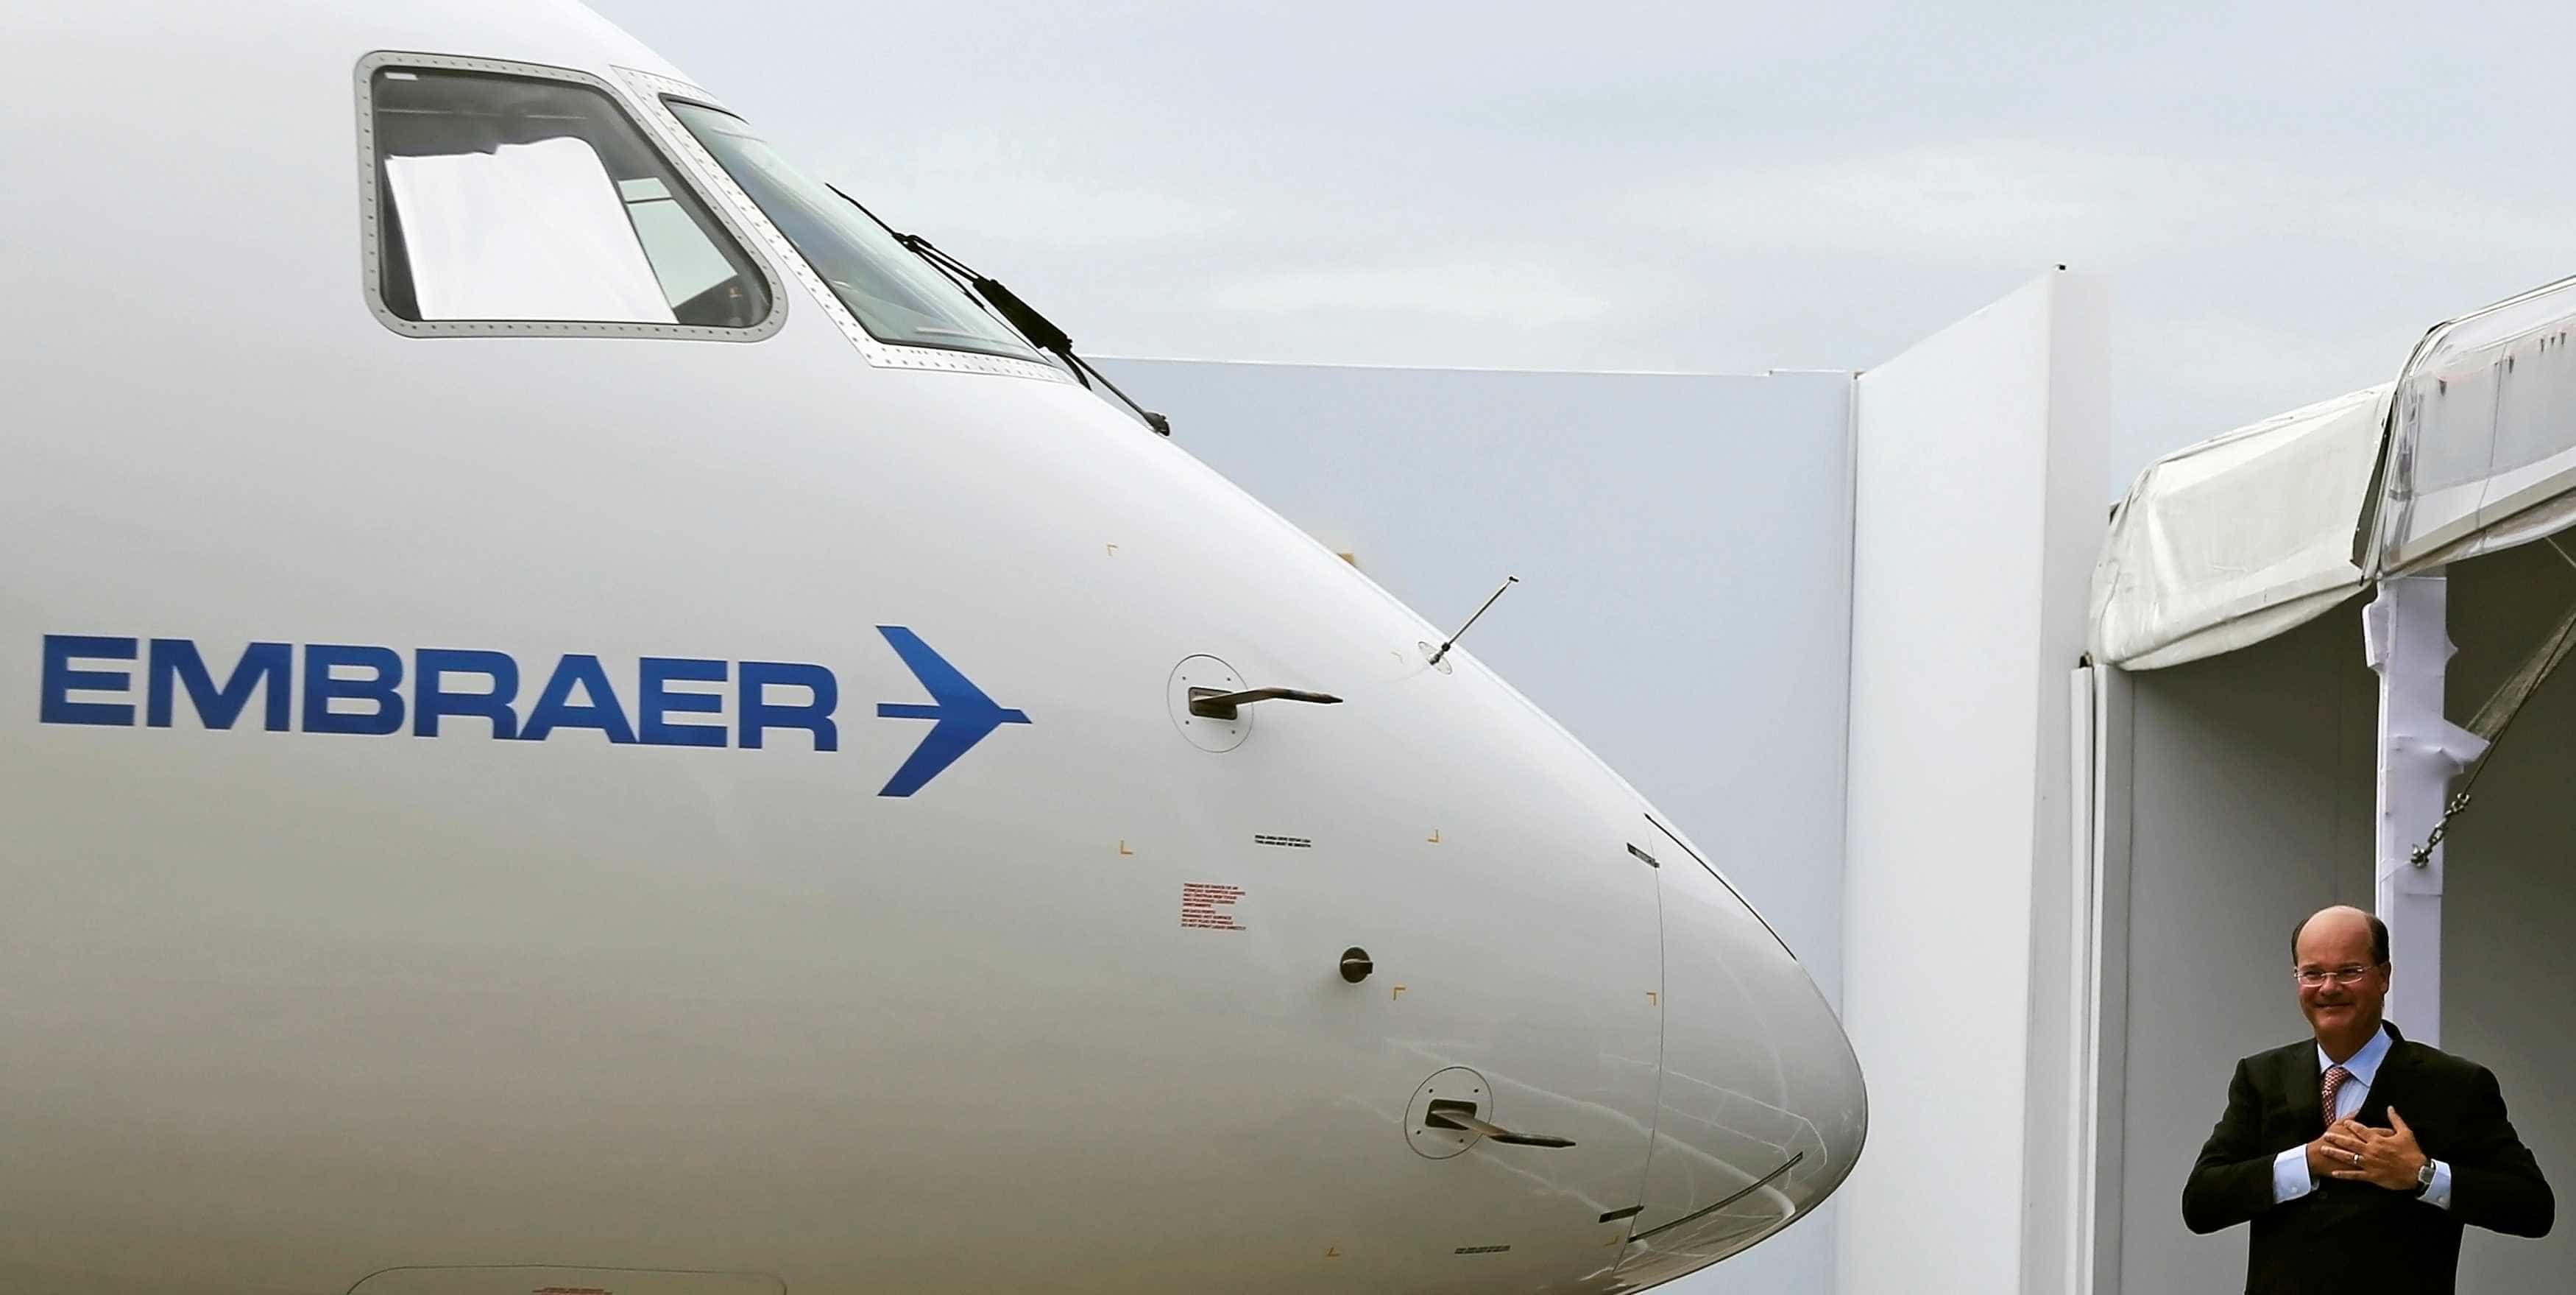 Cláusula que pode dar à Boeing 100% do negócio gera incômodo